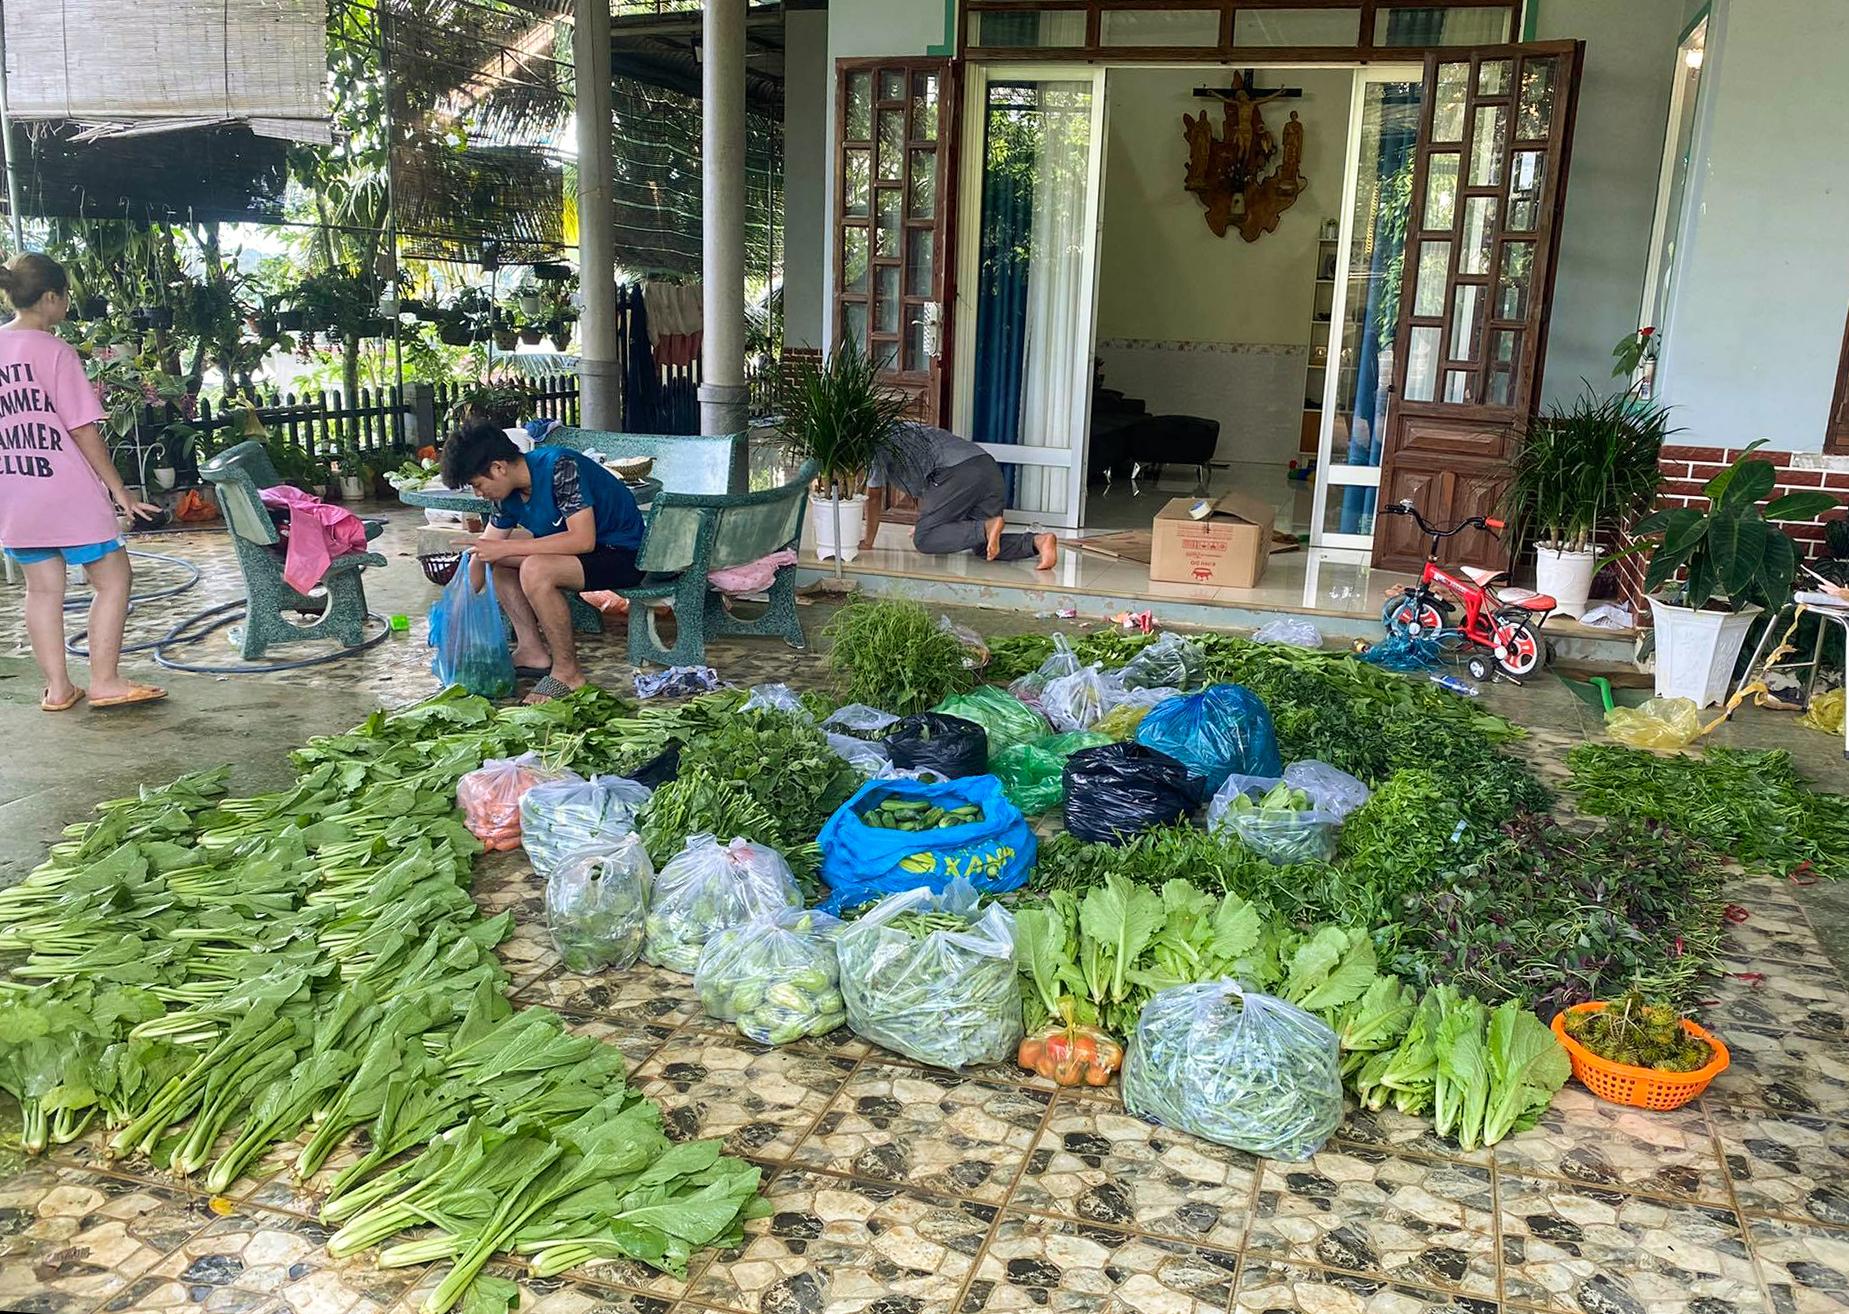 Chị Trâm hong khô rau củ trước khi đóng thùng chuyển về TP HCM. Ảnh: Nhân vật cung cấp.